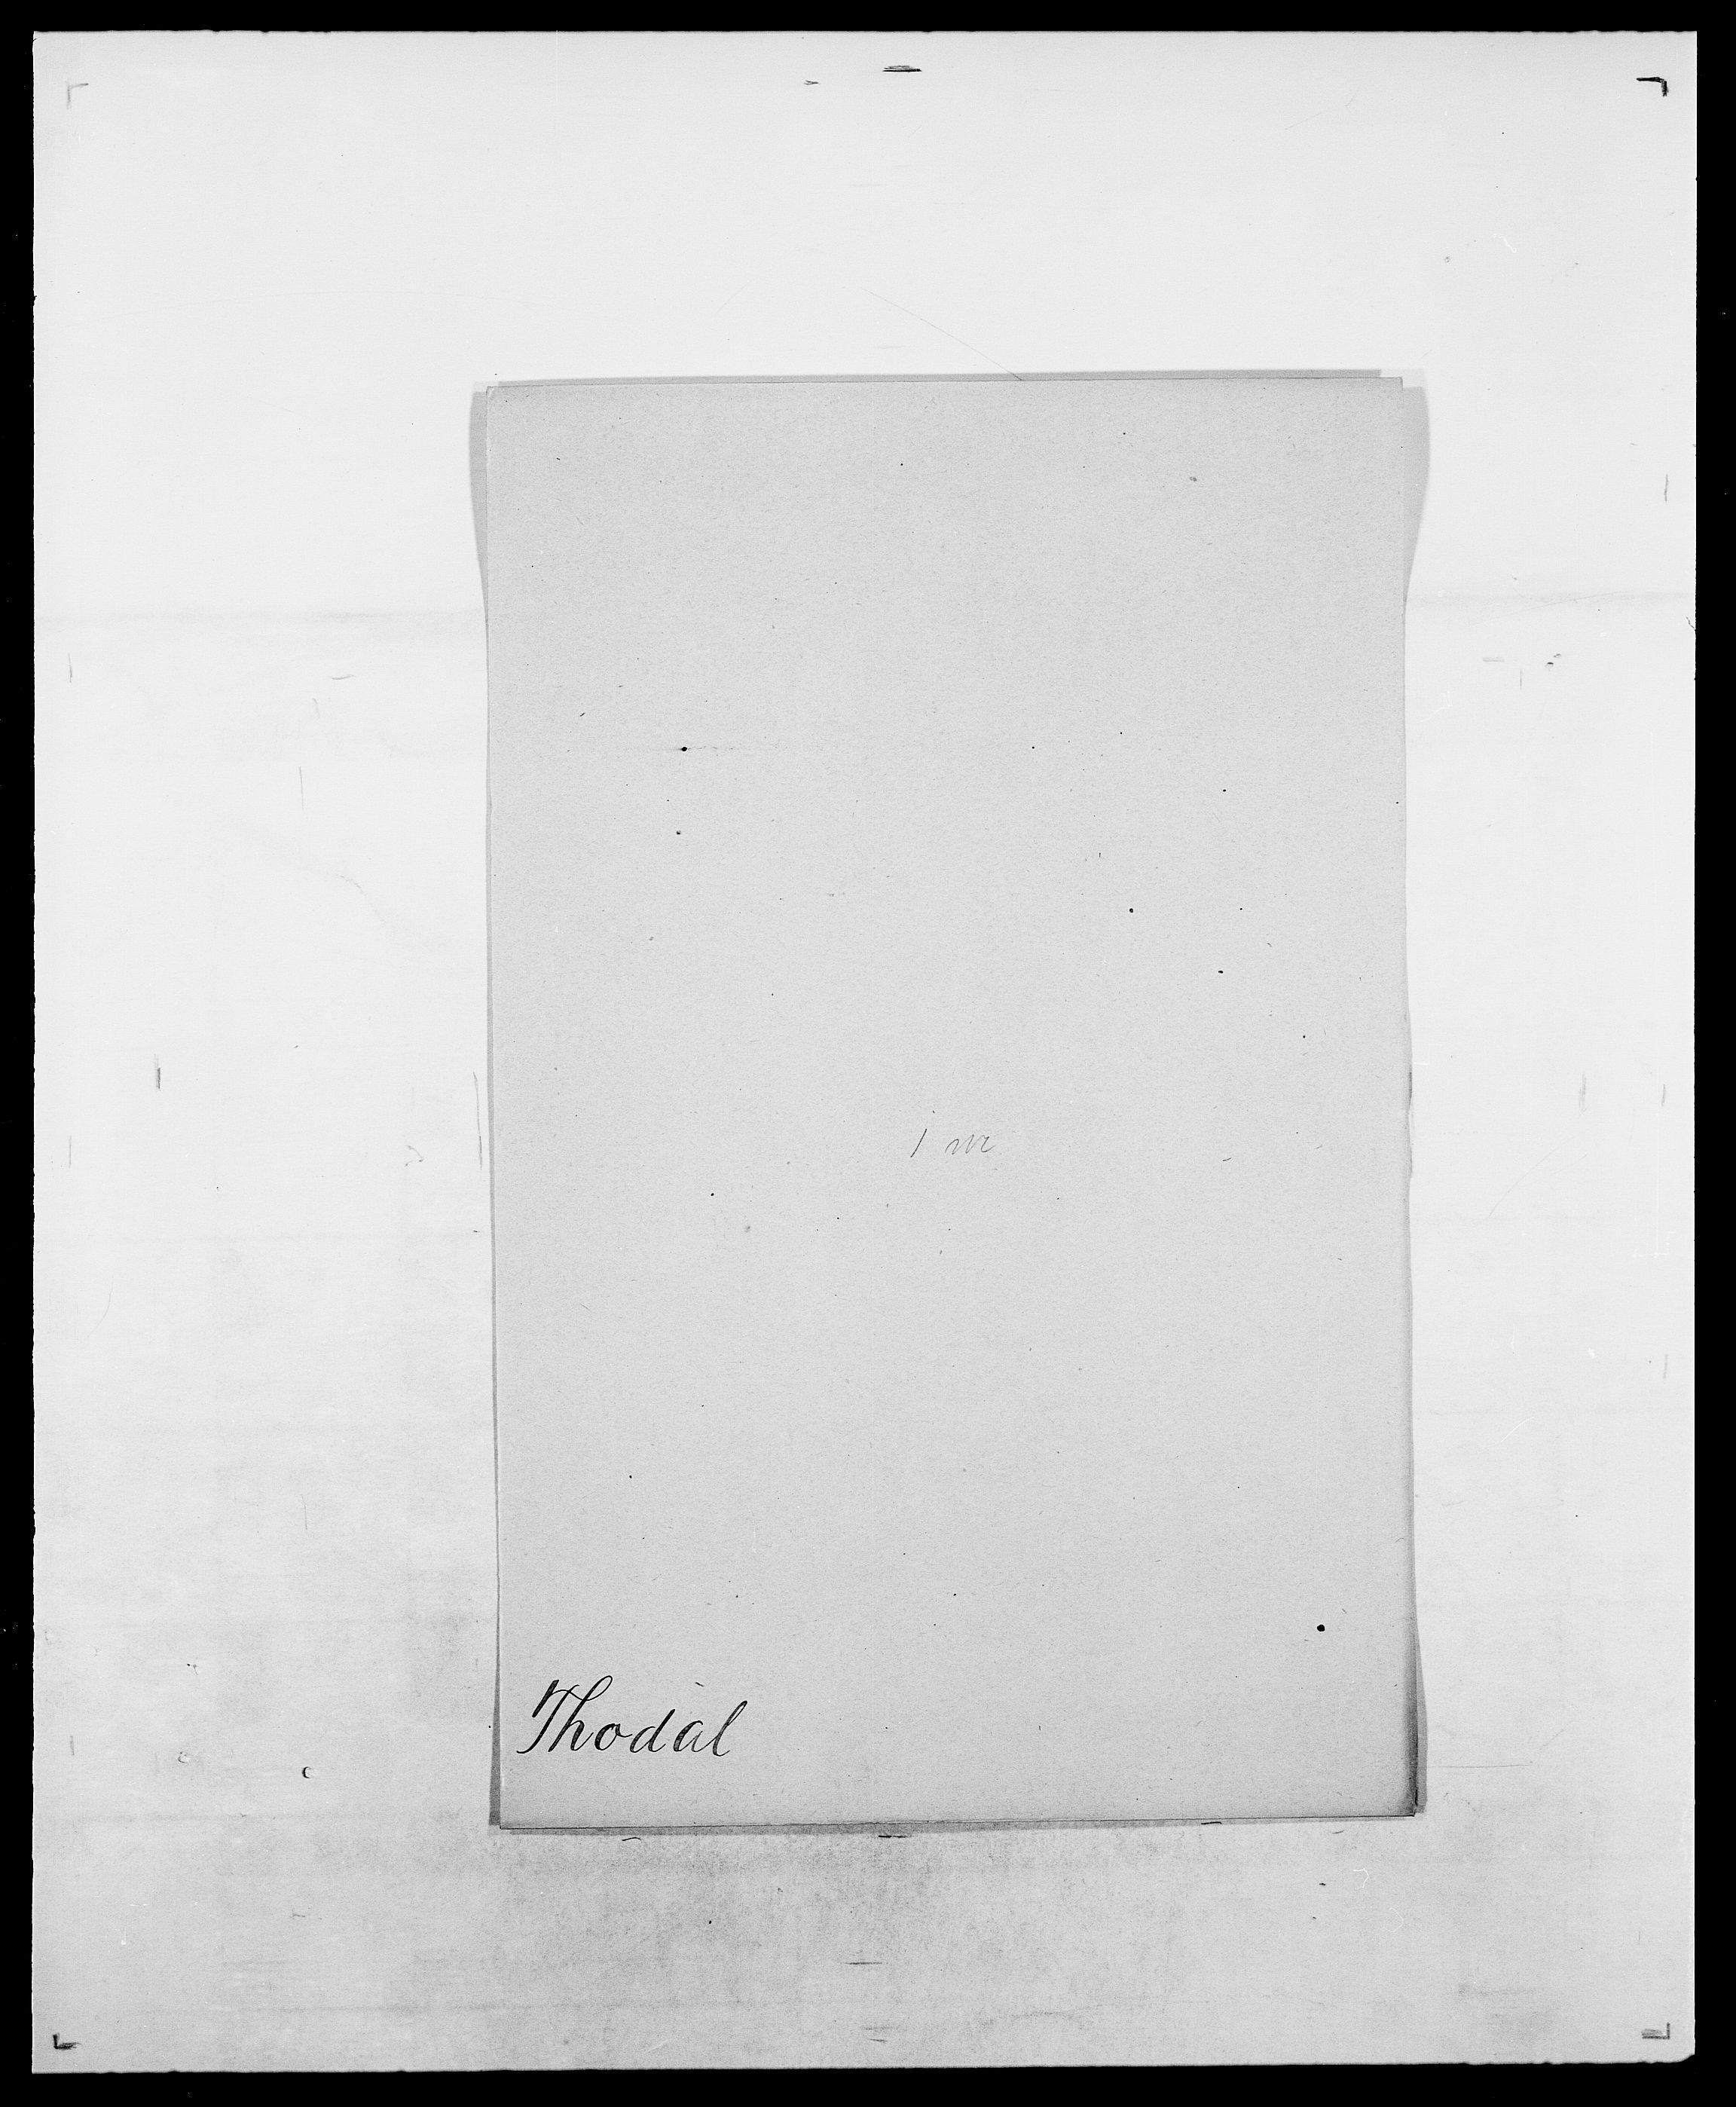 SAO, Delgobe, Charles Antoine - samling, D/Da/L0038: Svanenskjold - Thornsohn, s. 744